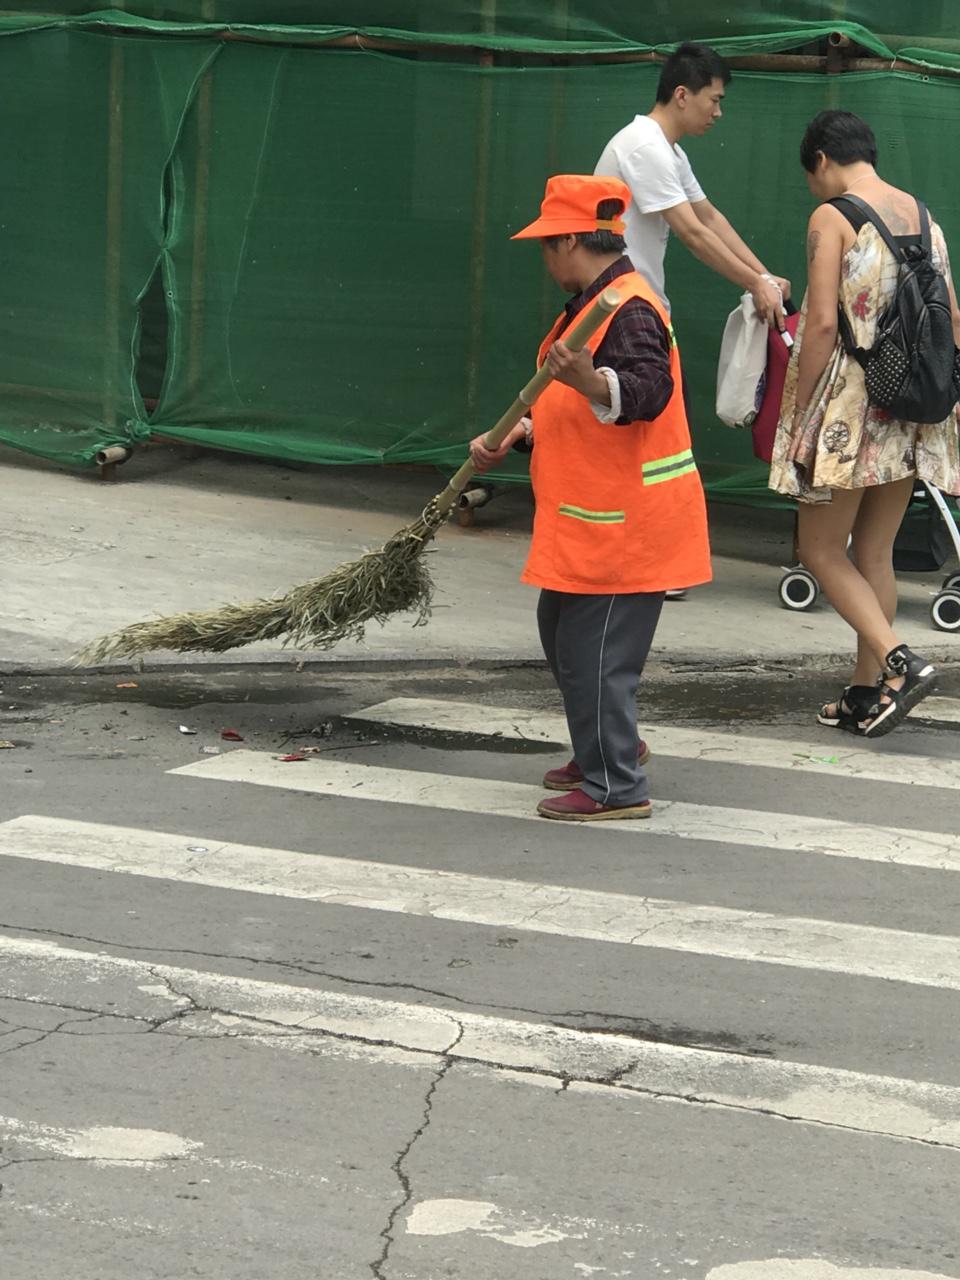 今日是五一节!看今日潢川:城市卫生,道路整洁……这些都与这些老人分不开(唉,在路上你是看不见有年轻的